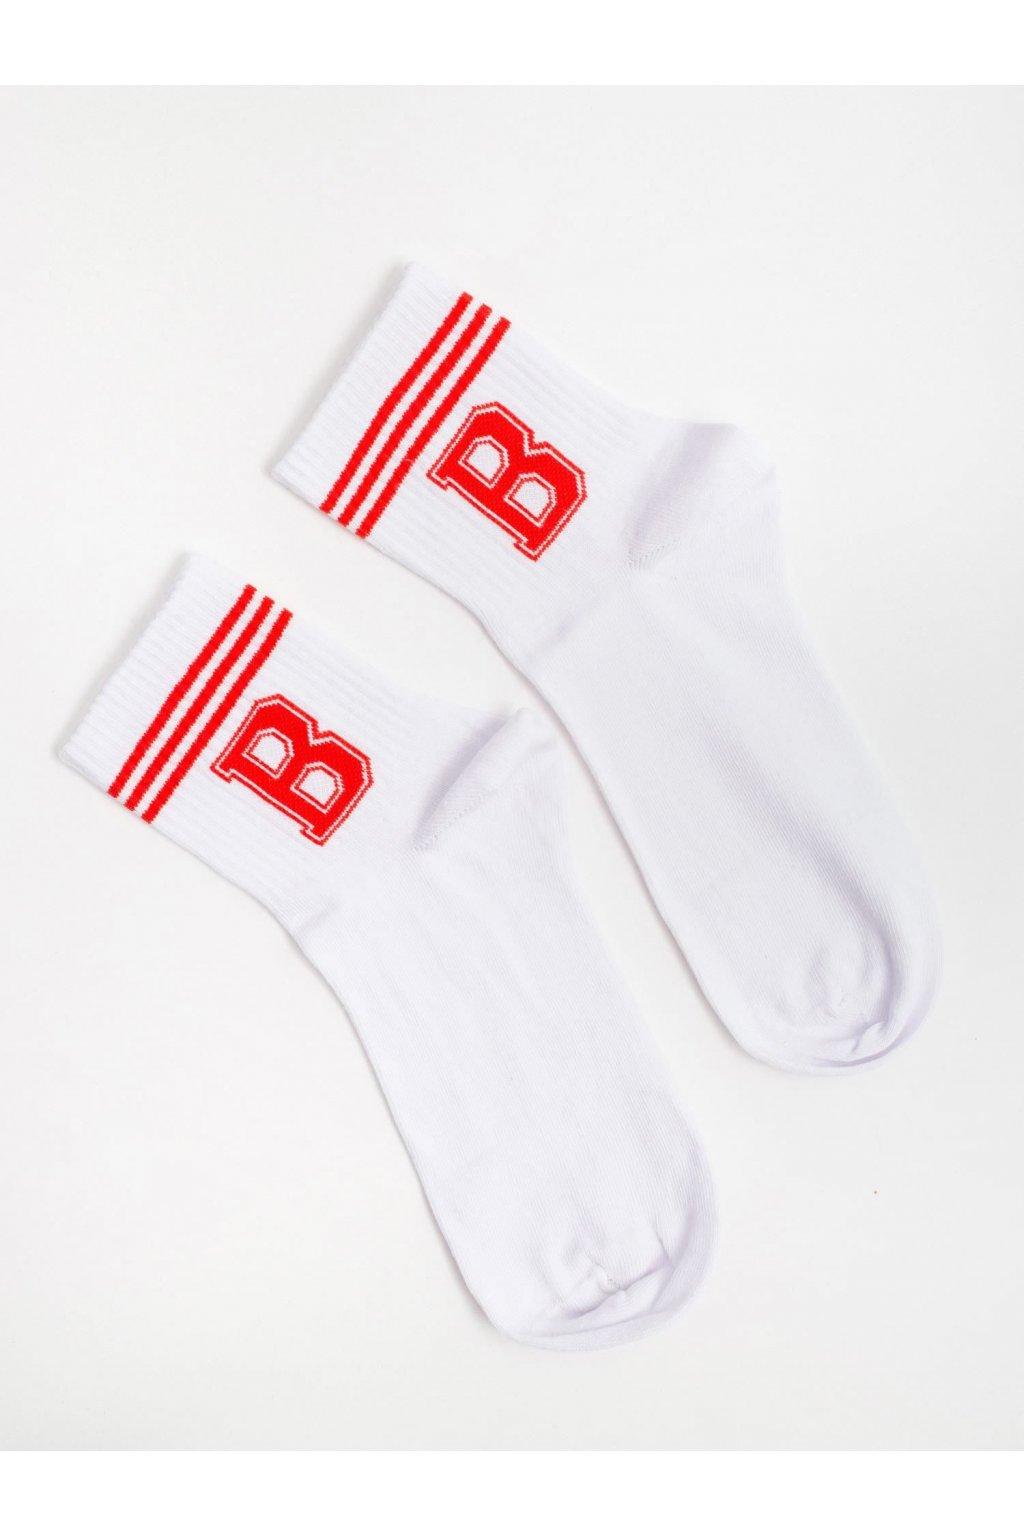 Pánske ponožky kód WS-SR-5539